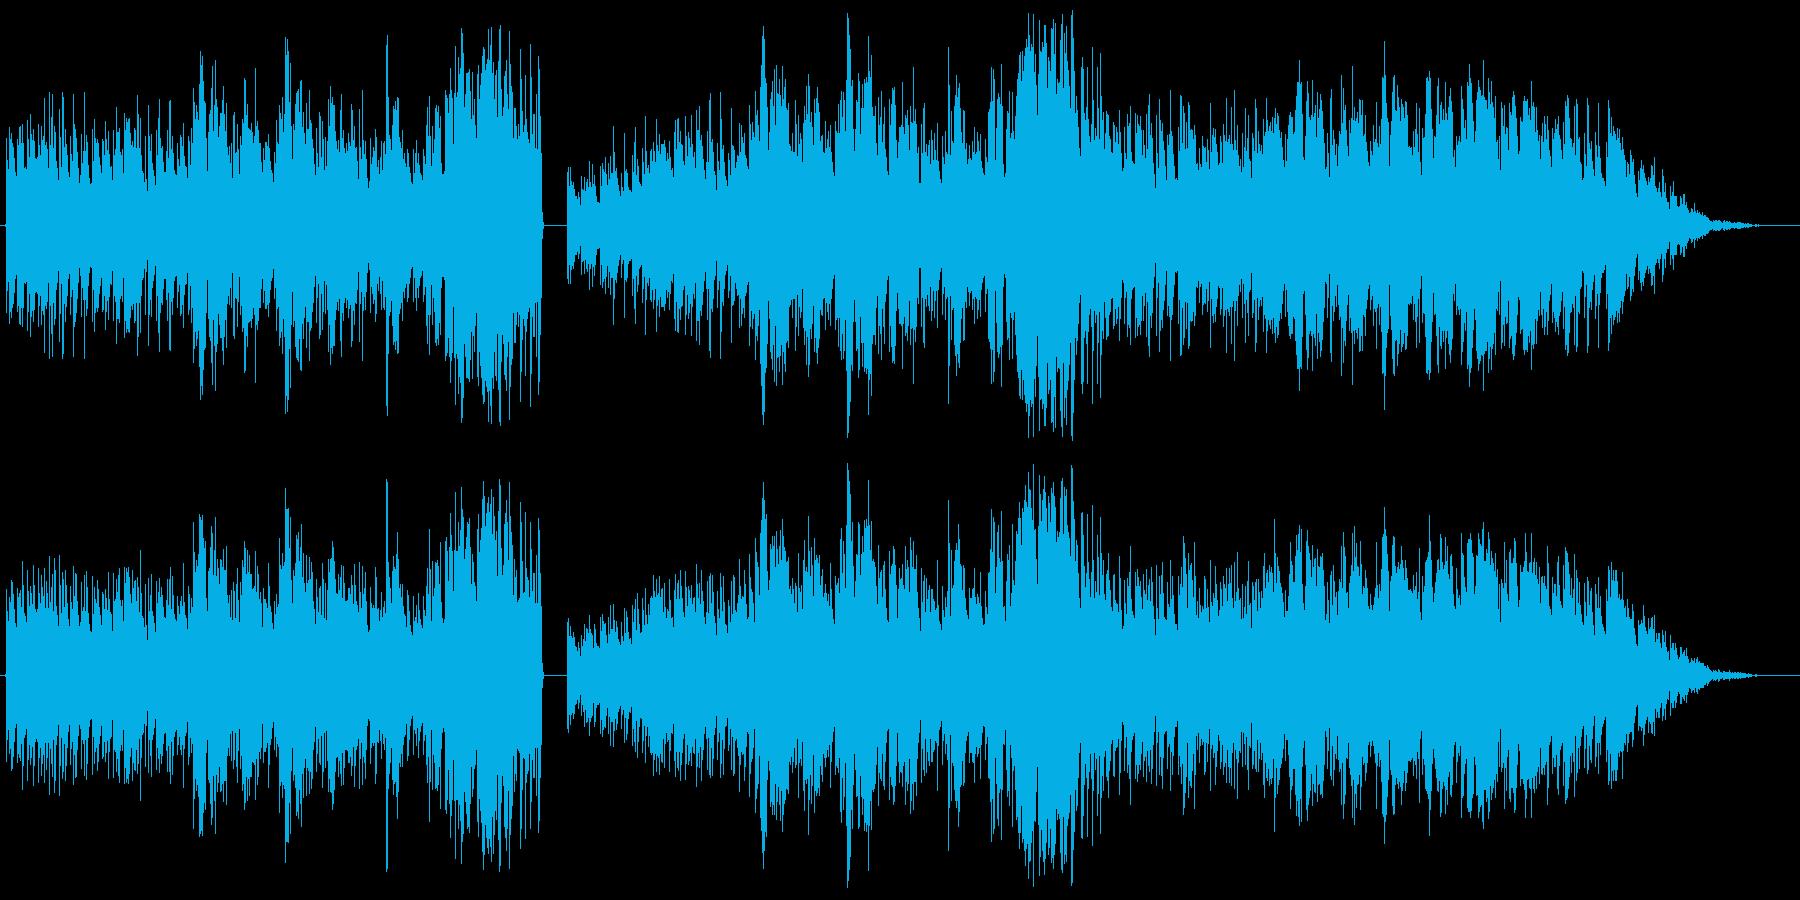 きみさえいればの再生済みの波形